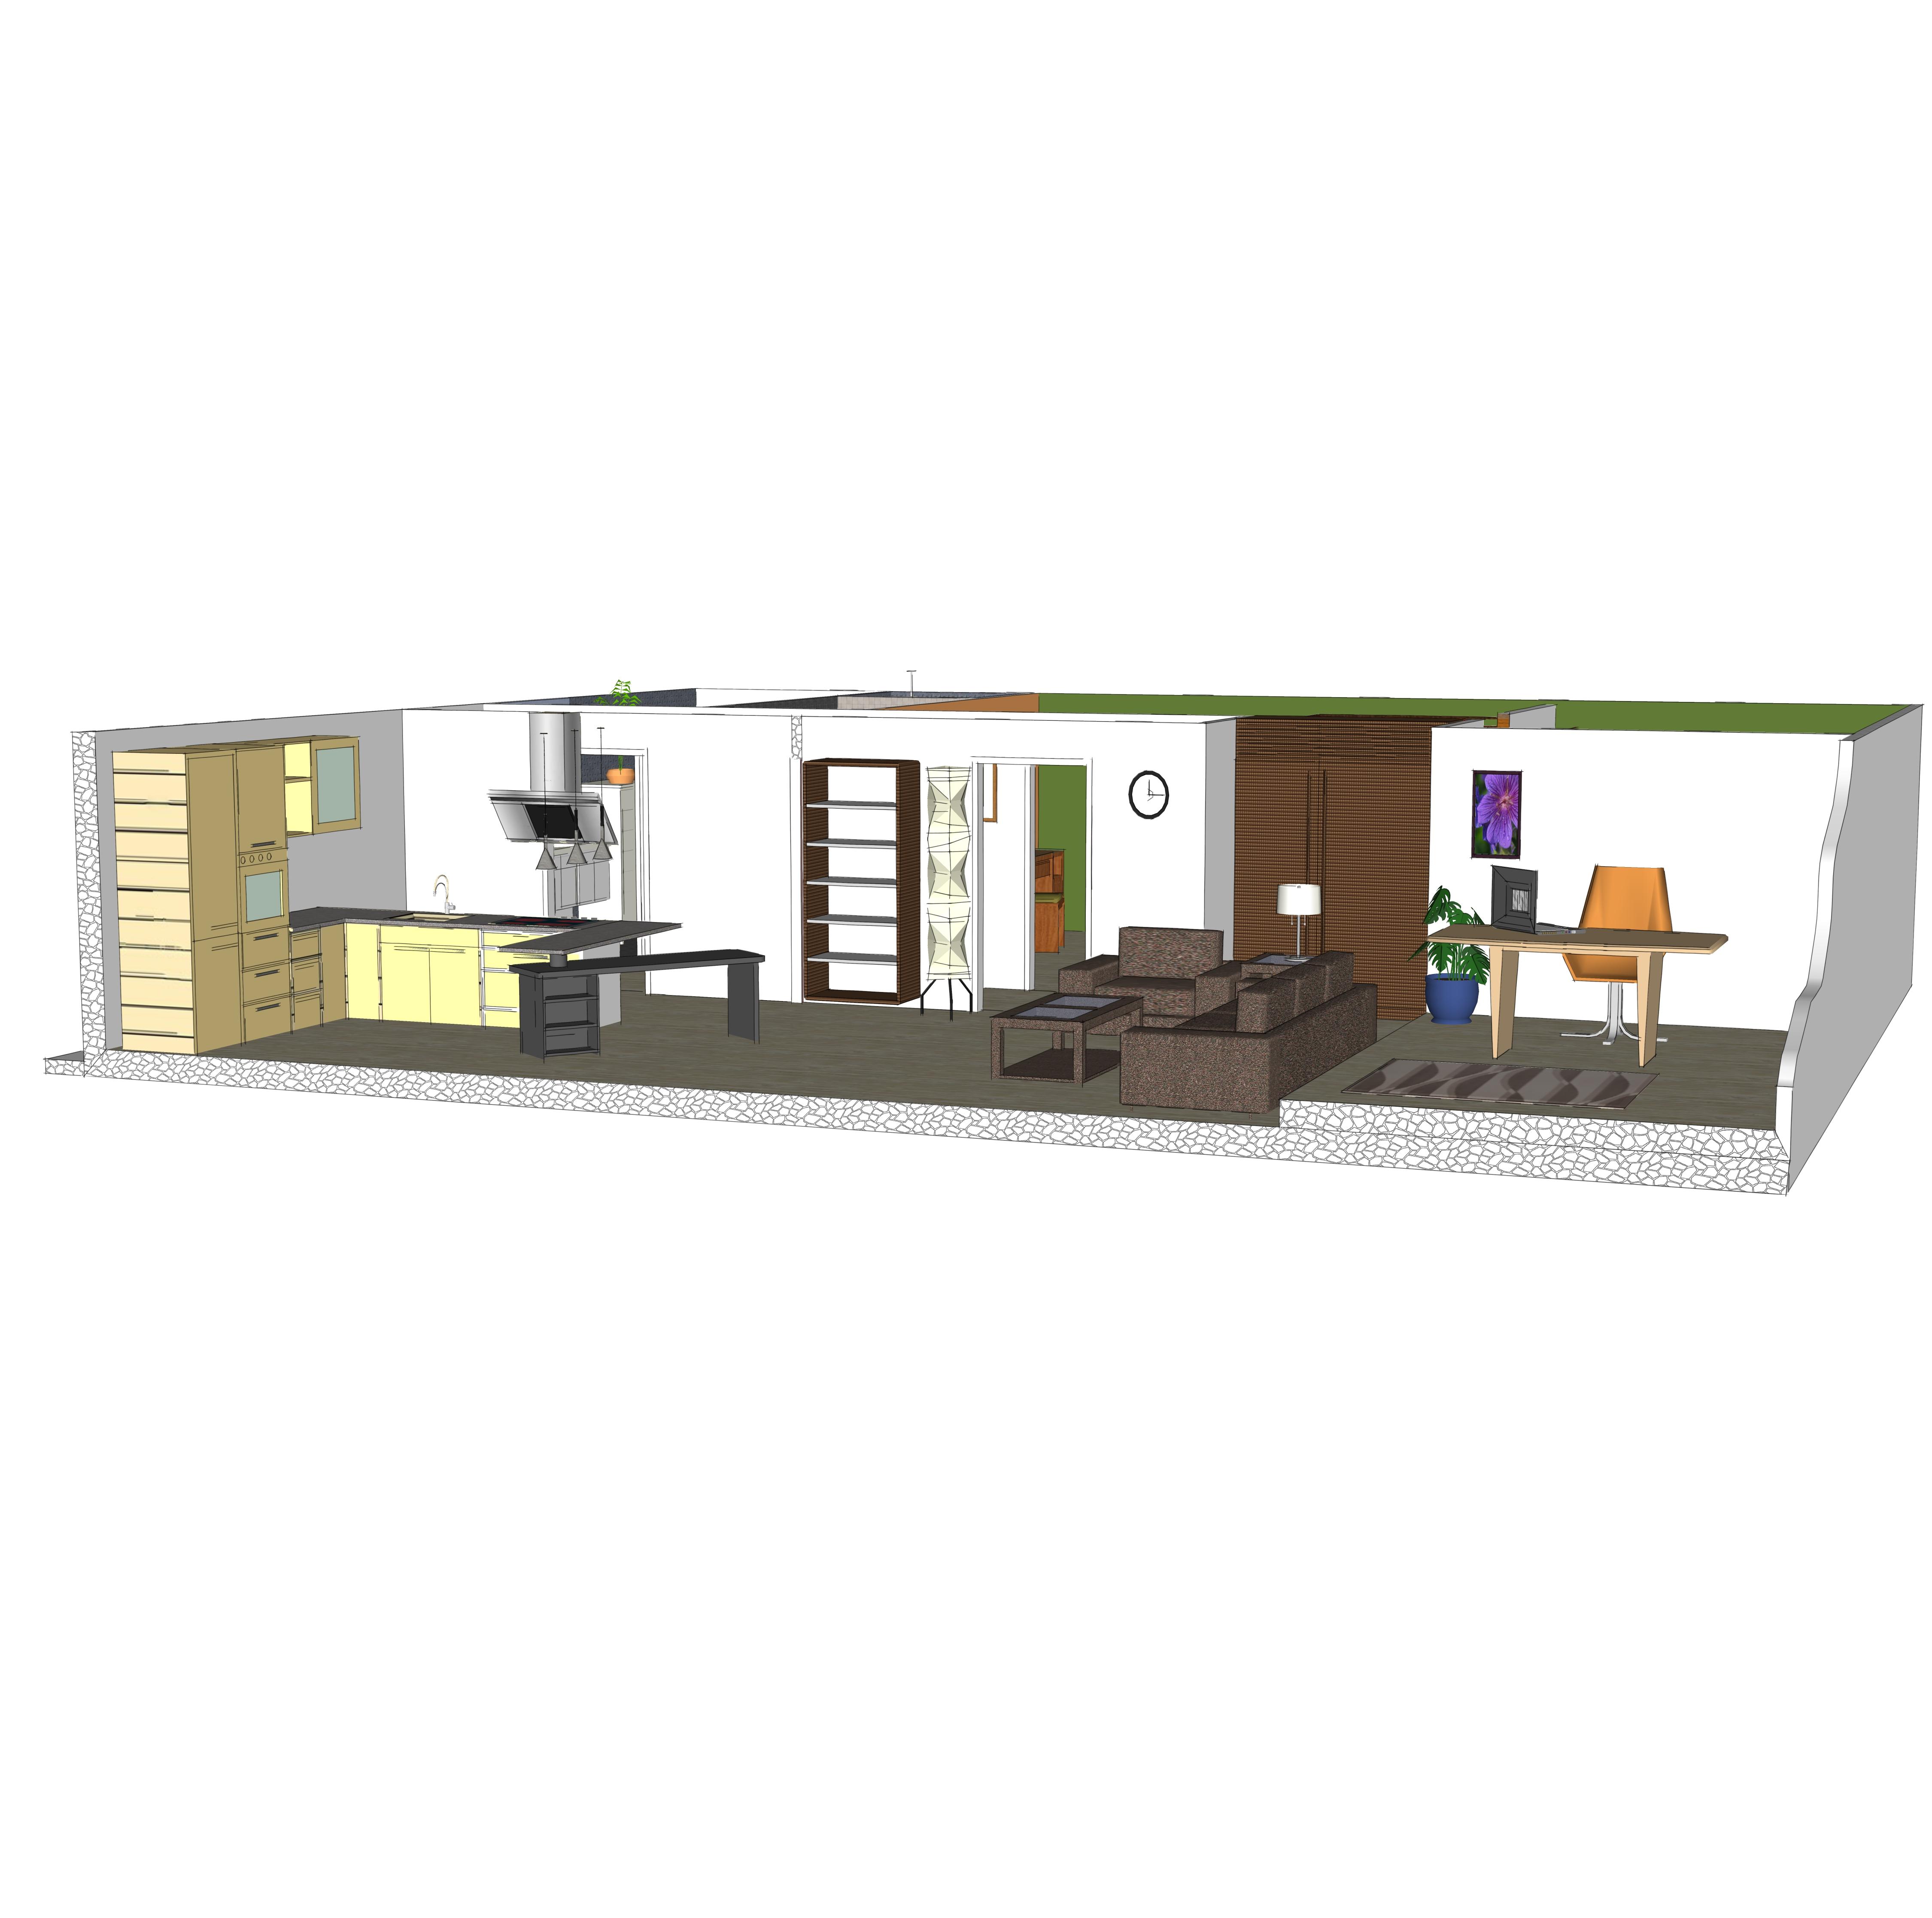 Frank zimmerlin freiburg raumgestaltung von badezimmer for Raumgestaltung 2d